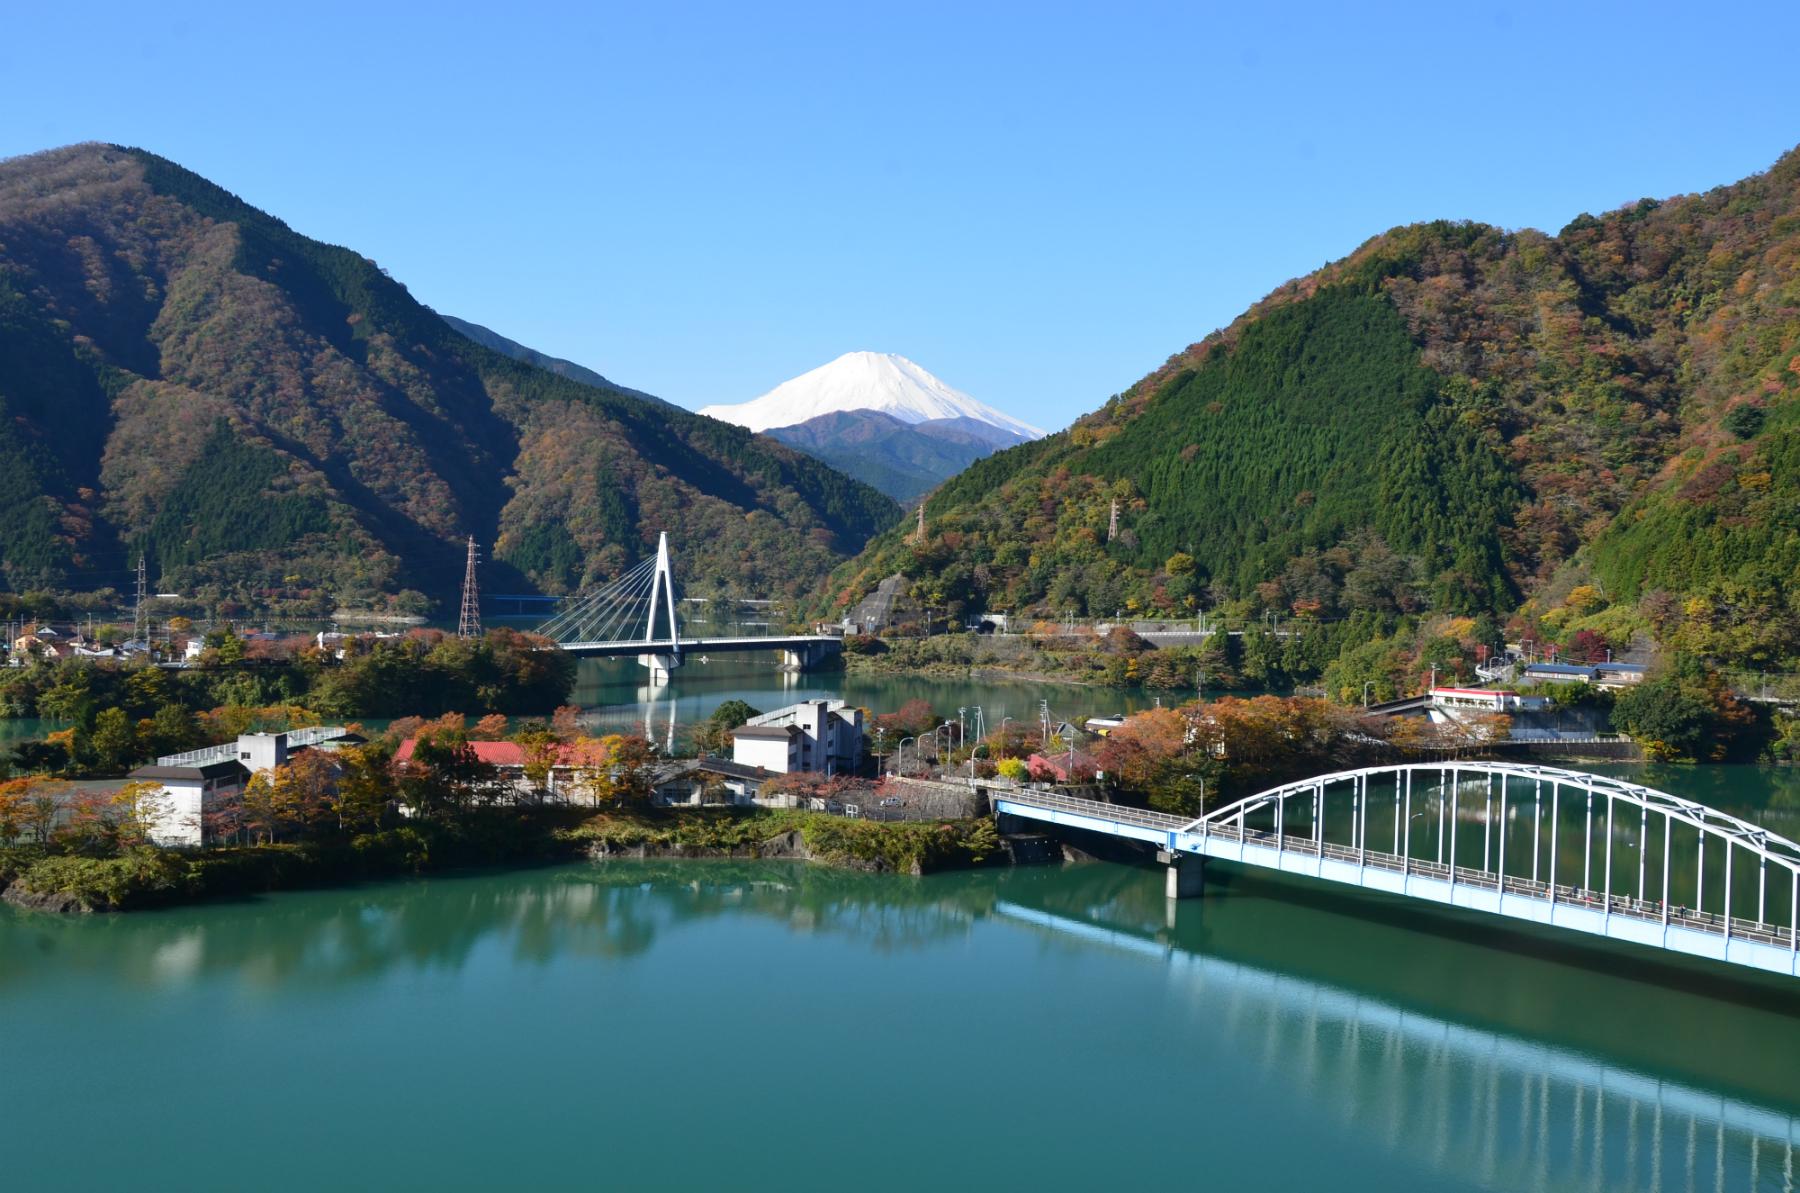 1_山北町_丹沢湖と富士山